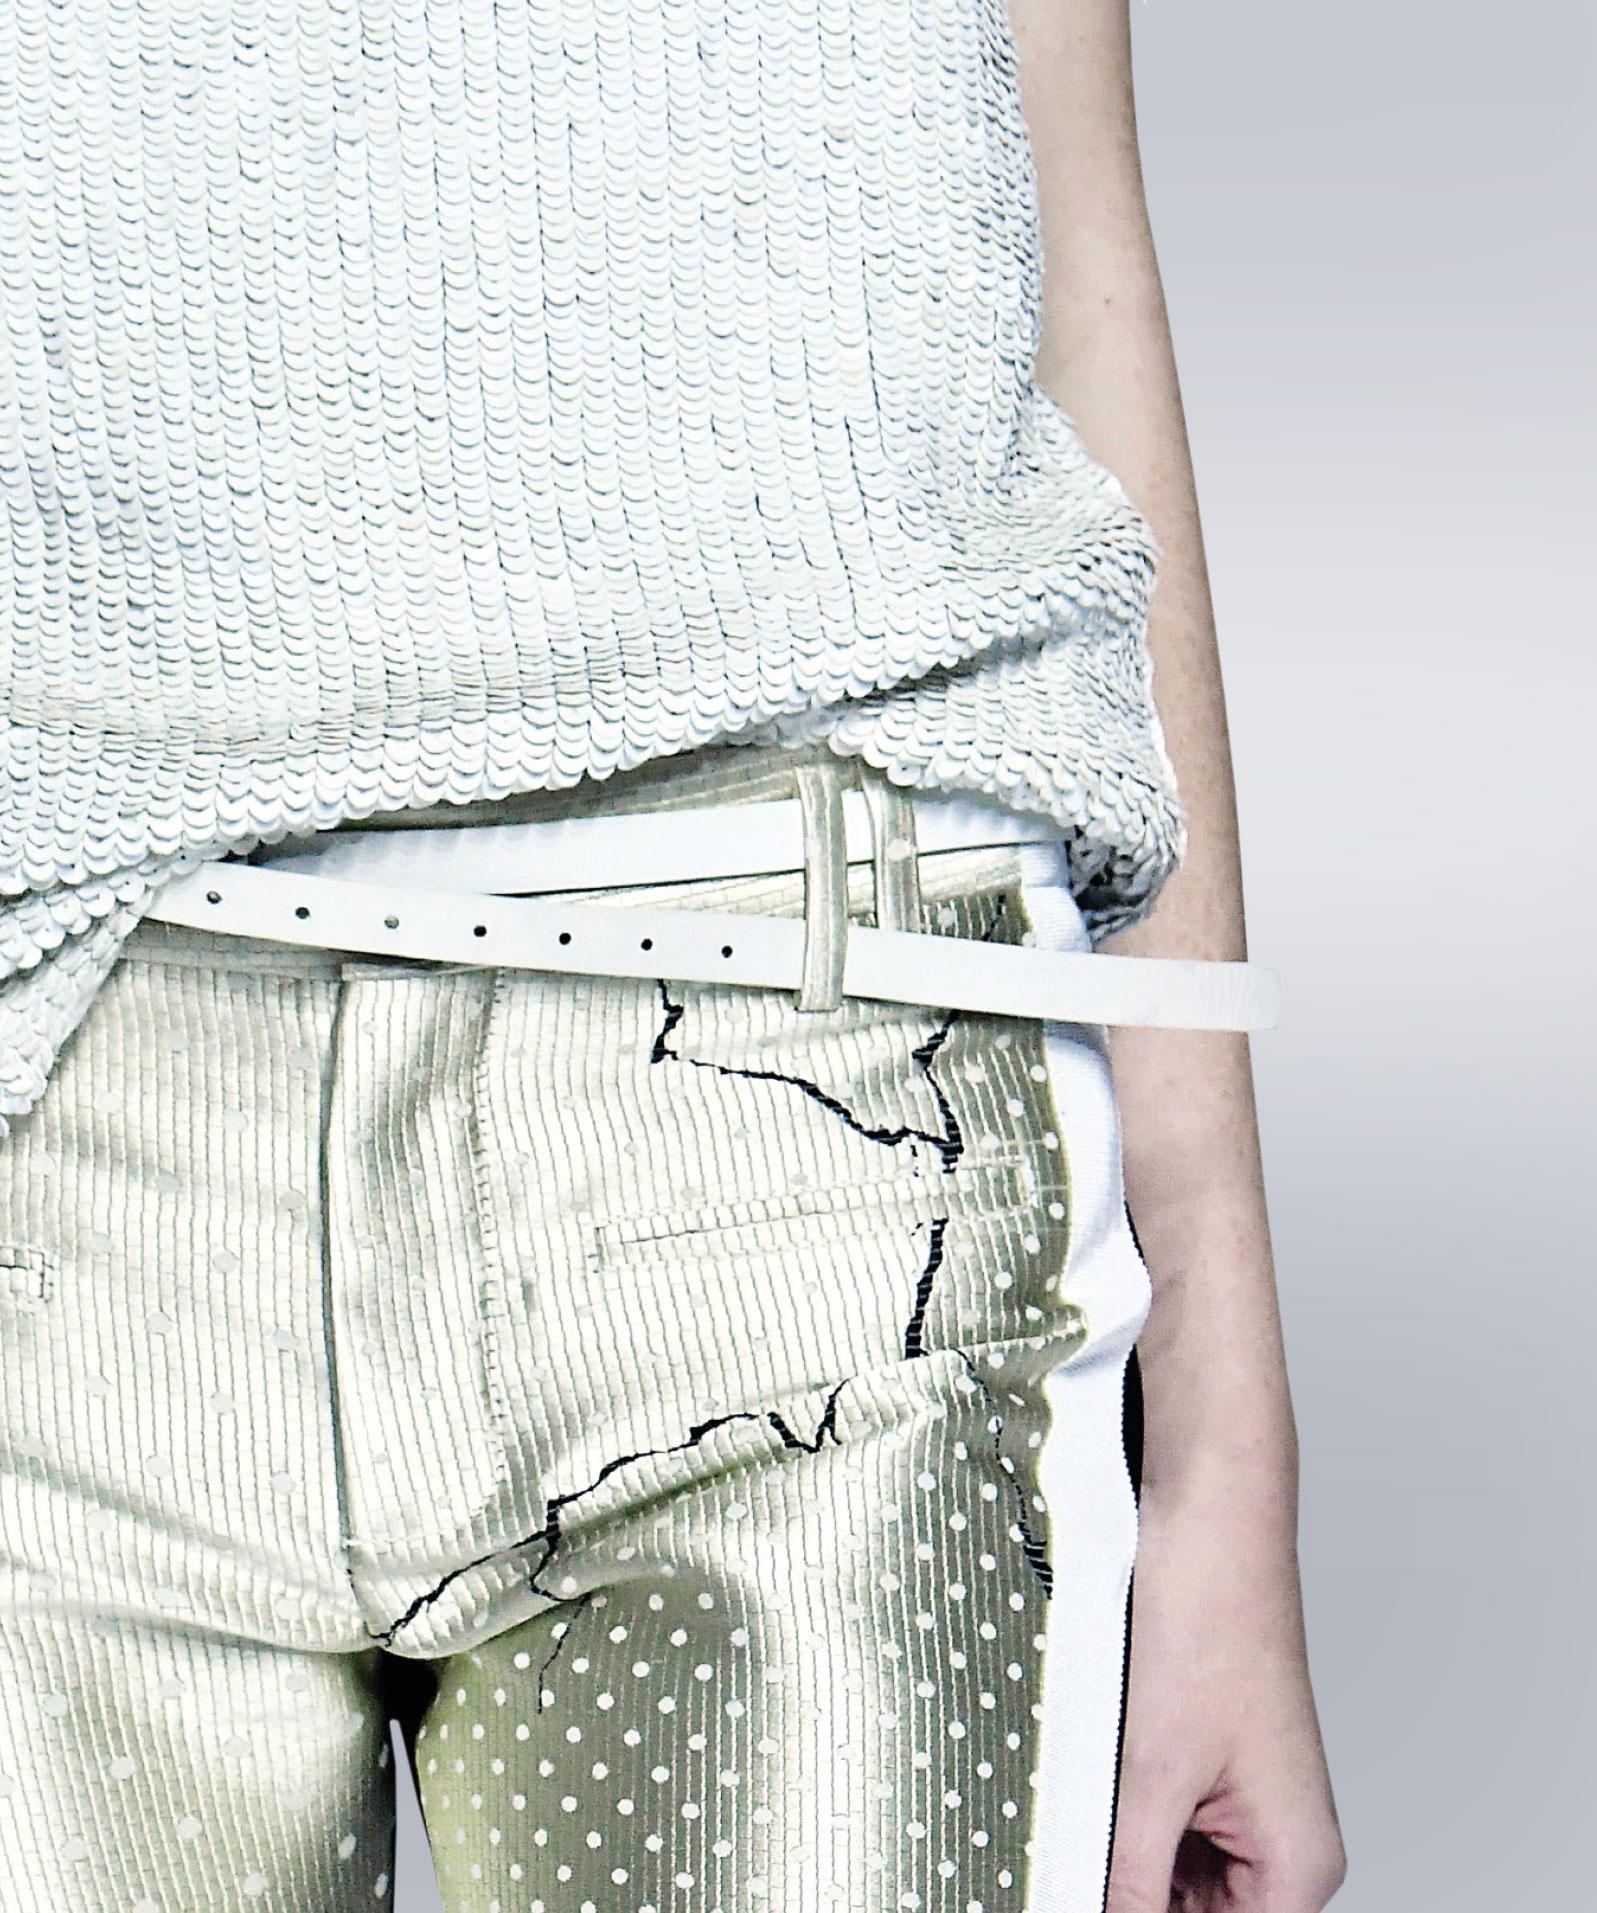 Das Foto zeigt eine Hose mit einer Papspeltasche die als Vorlage zum Nähen dient.